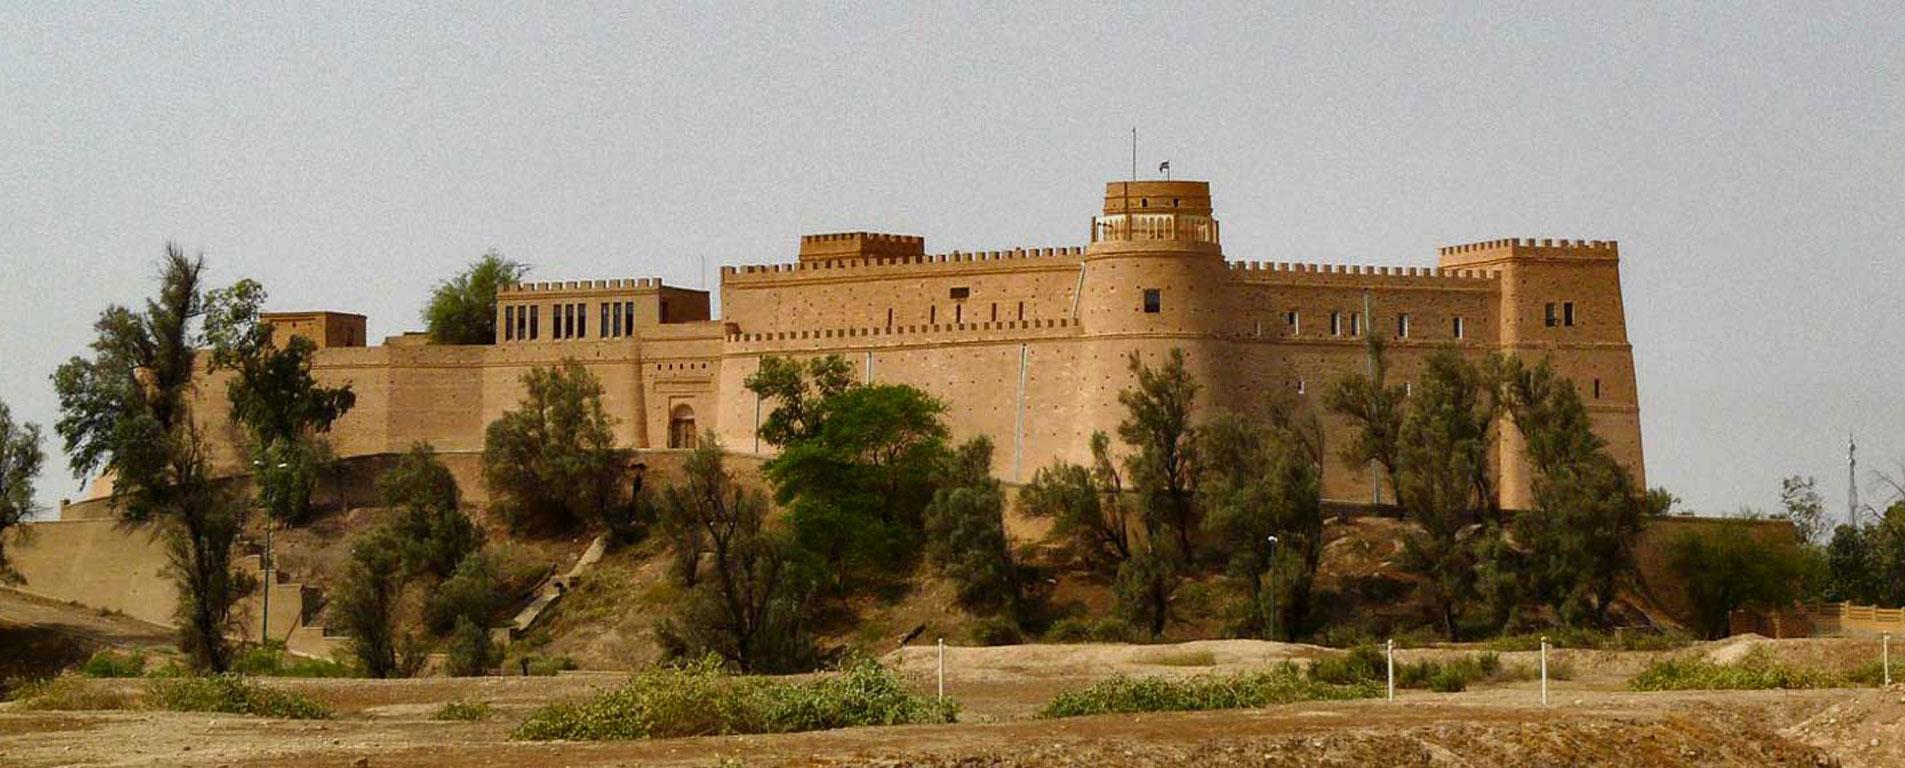 قلعه شوش ، تلفیق تاریخ و معماری دو ملت